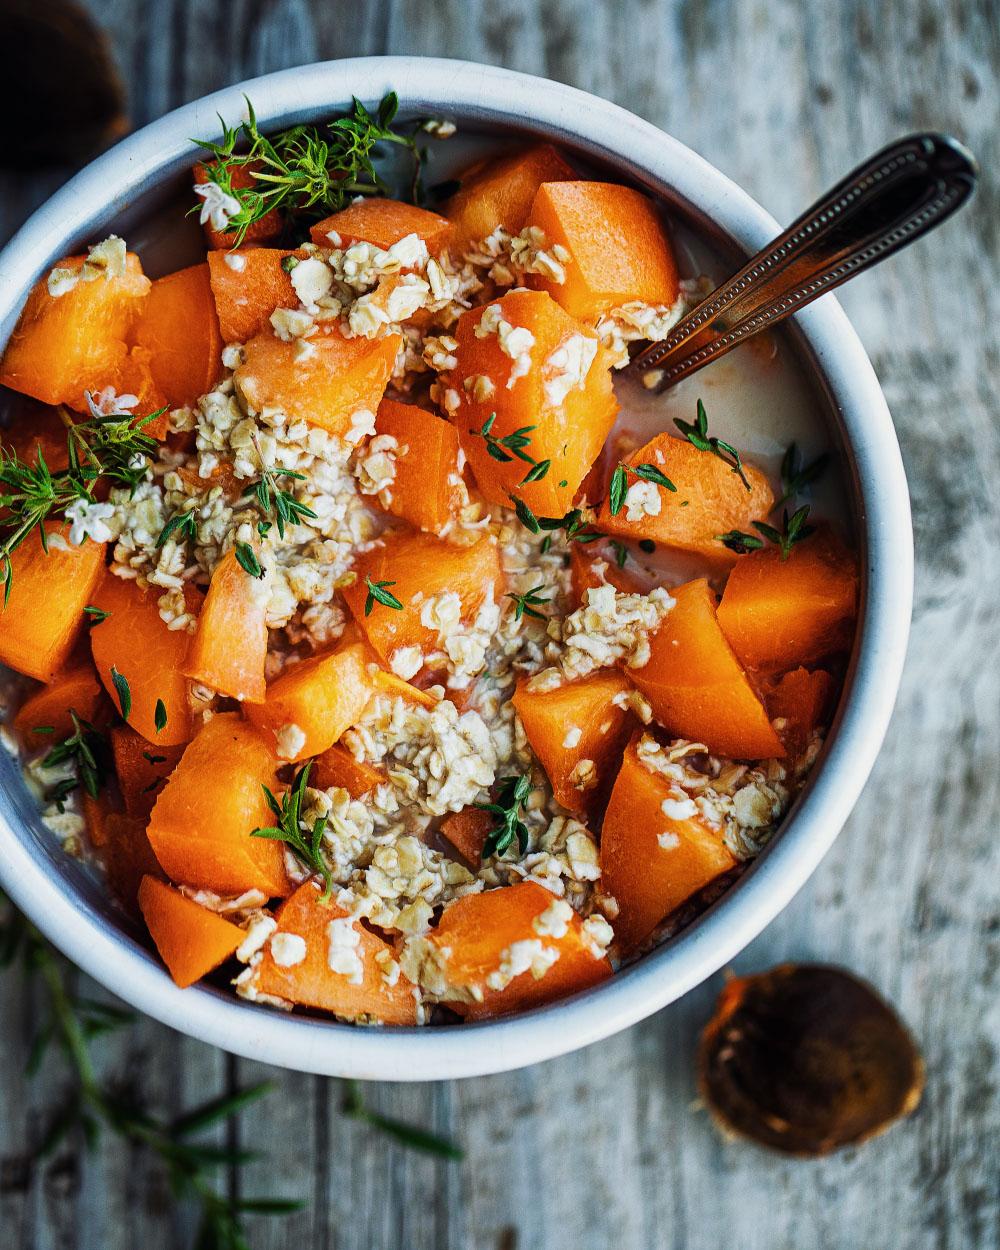 Hafer-Aprikosen-Bowl einfaches Rezept mit wenig Kalorien zum Frühstück